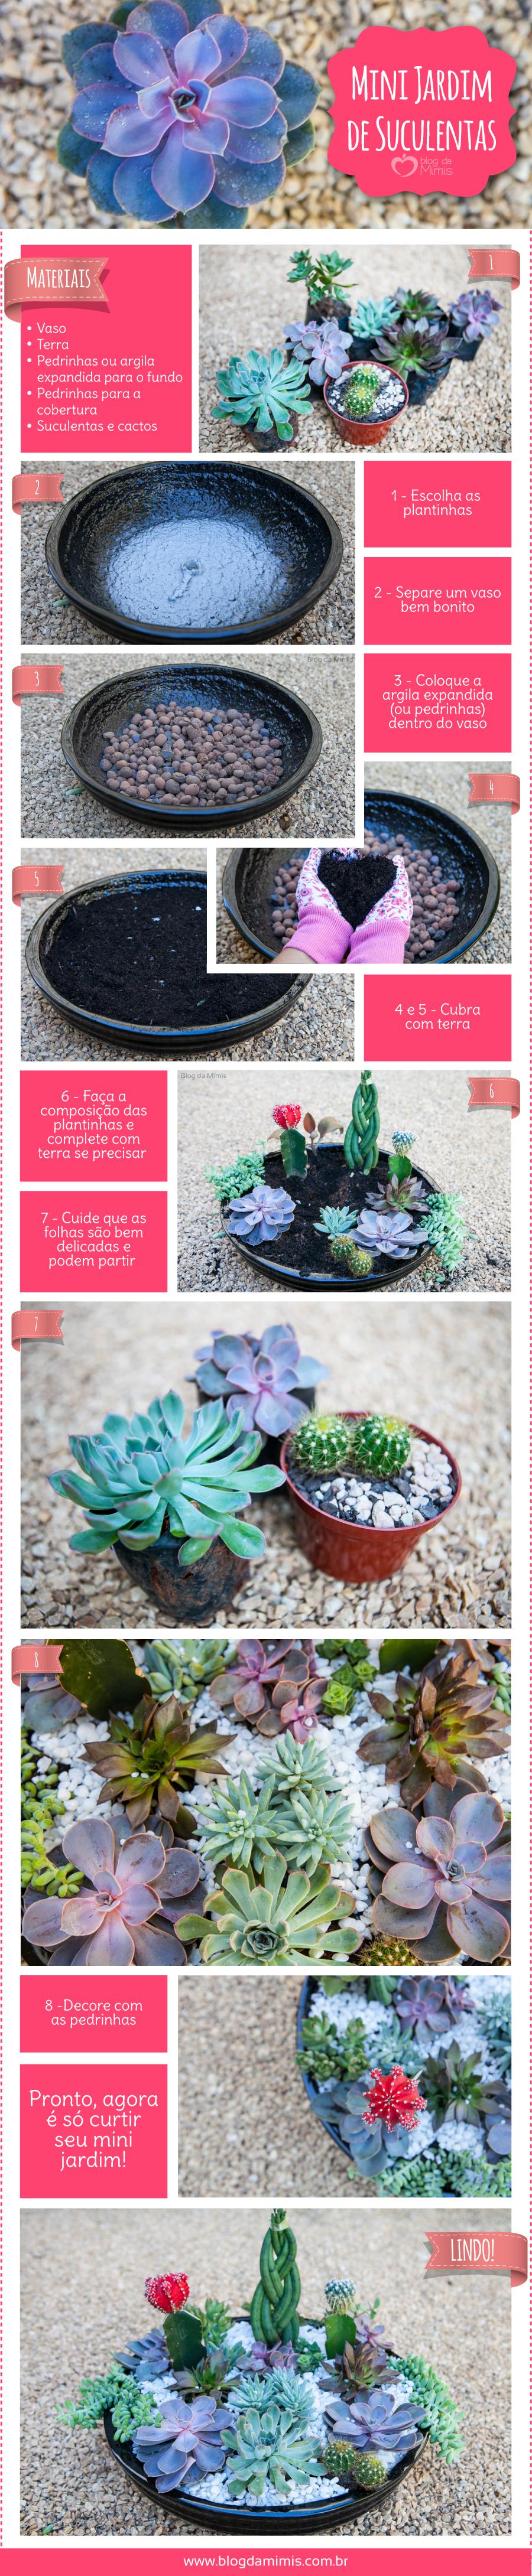 mini jardim suculentas : mini jardim suculentas:Mini-Jardim-de-Suculentas-blog-da-mimis-michelle-franzoni-post